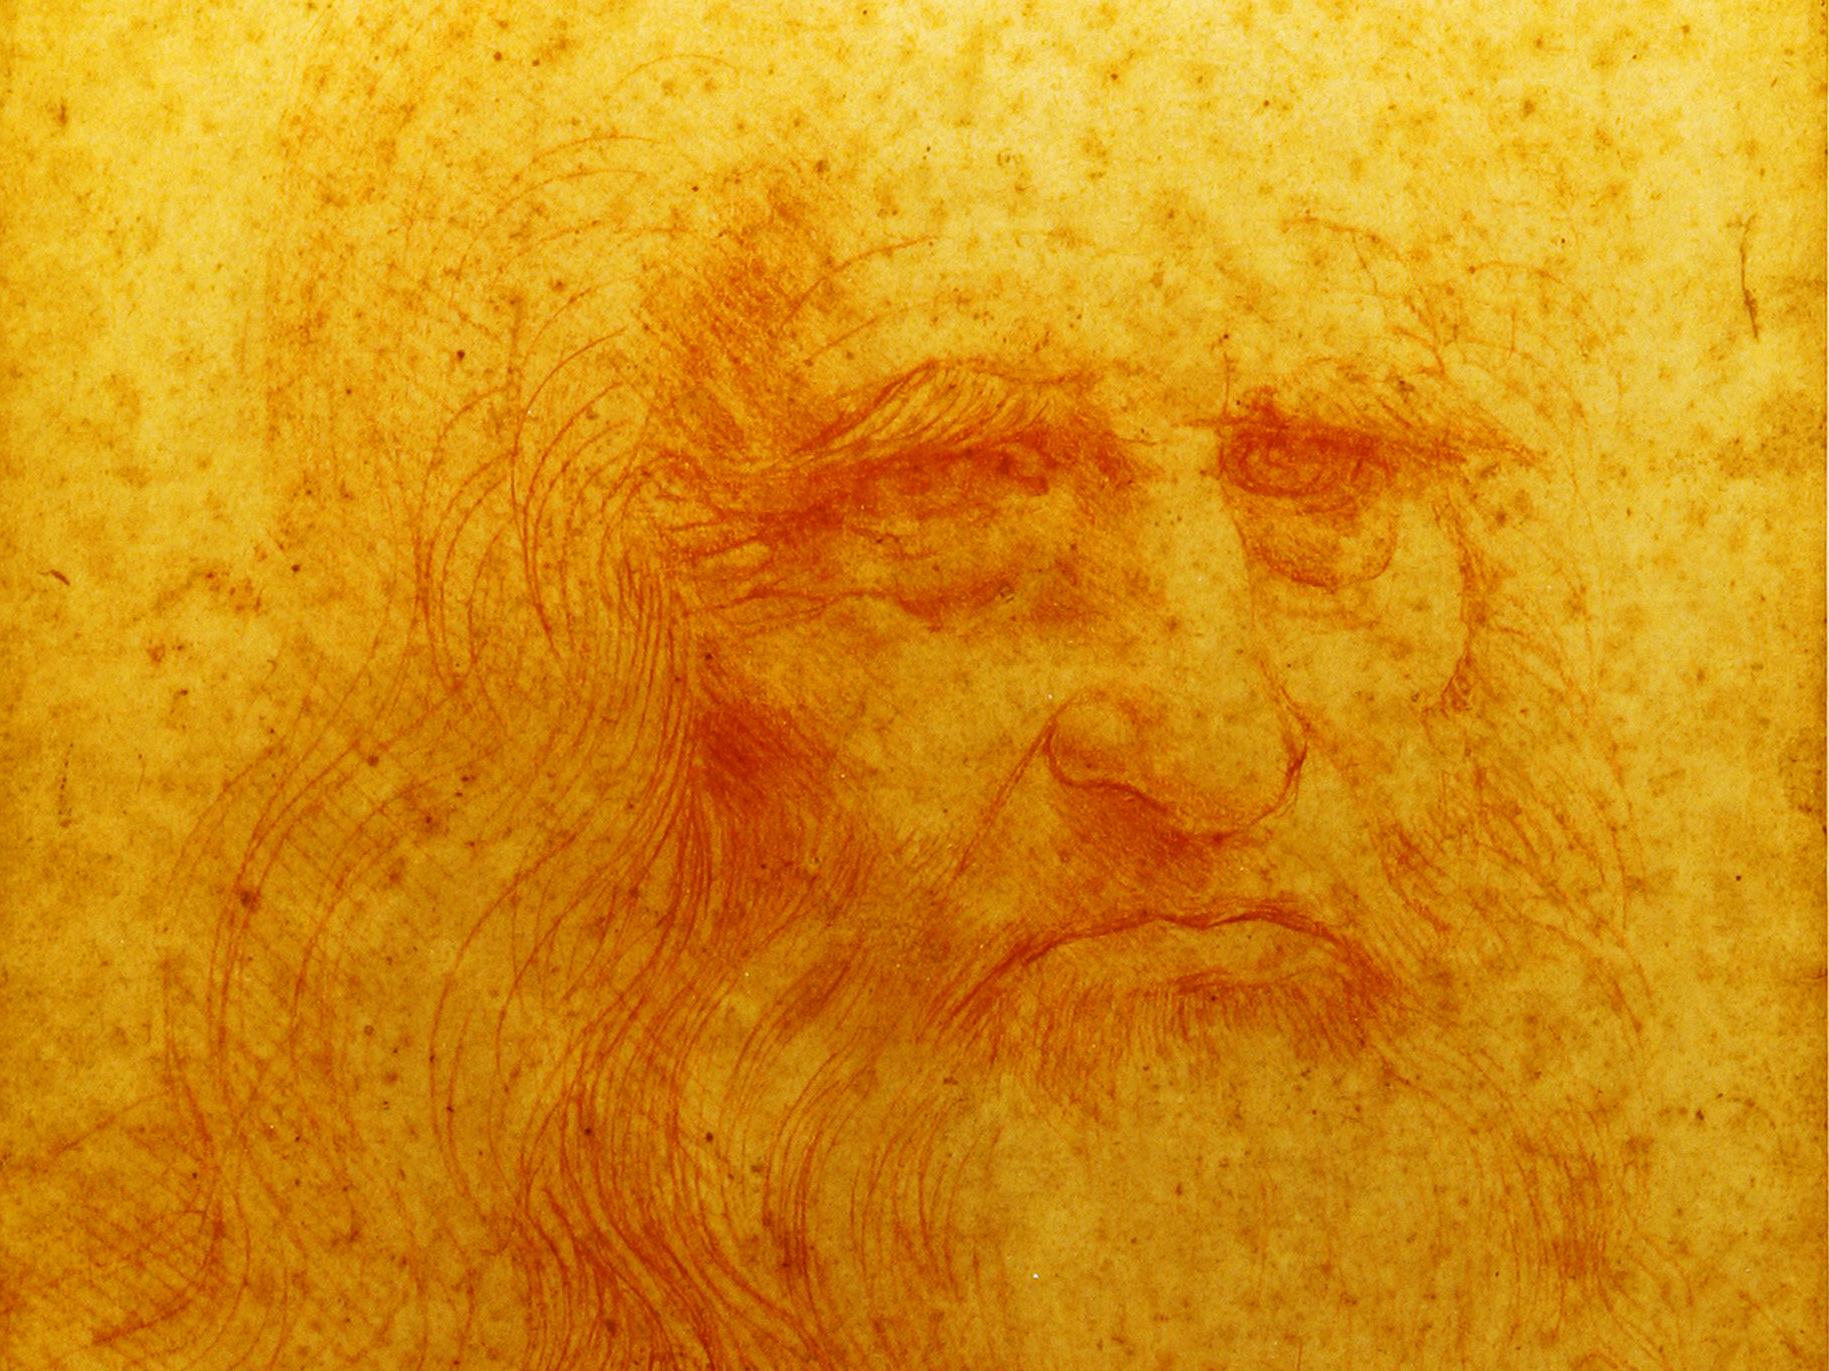 Leonardo da Vinci – Konzentration und Ablenkung eines Genies